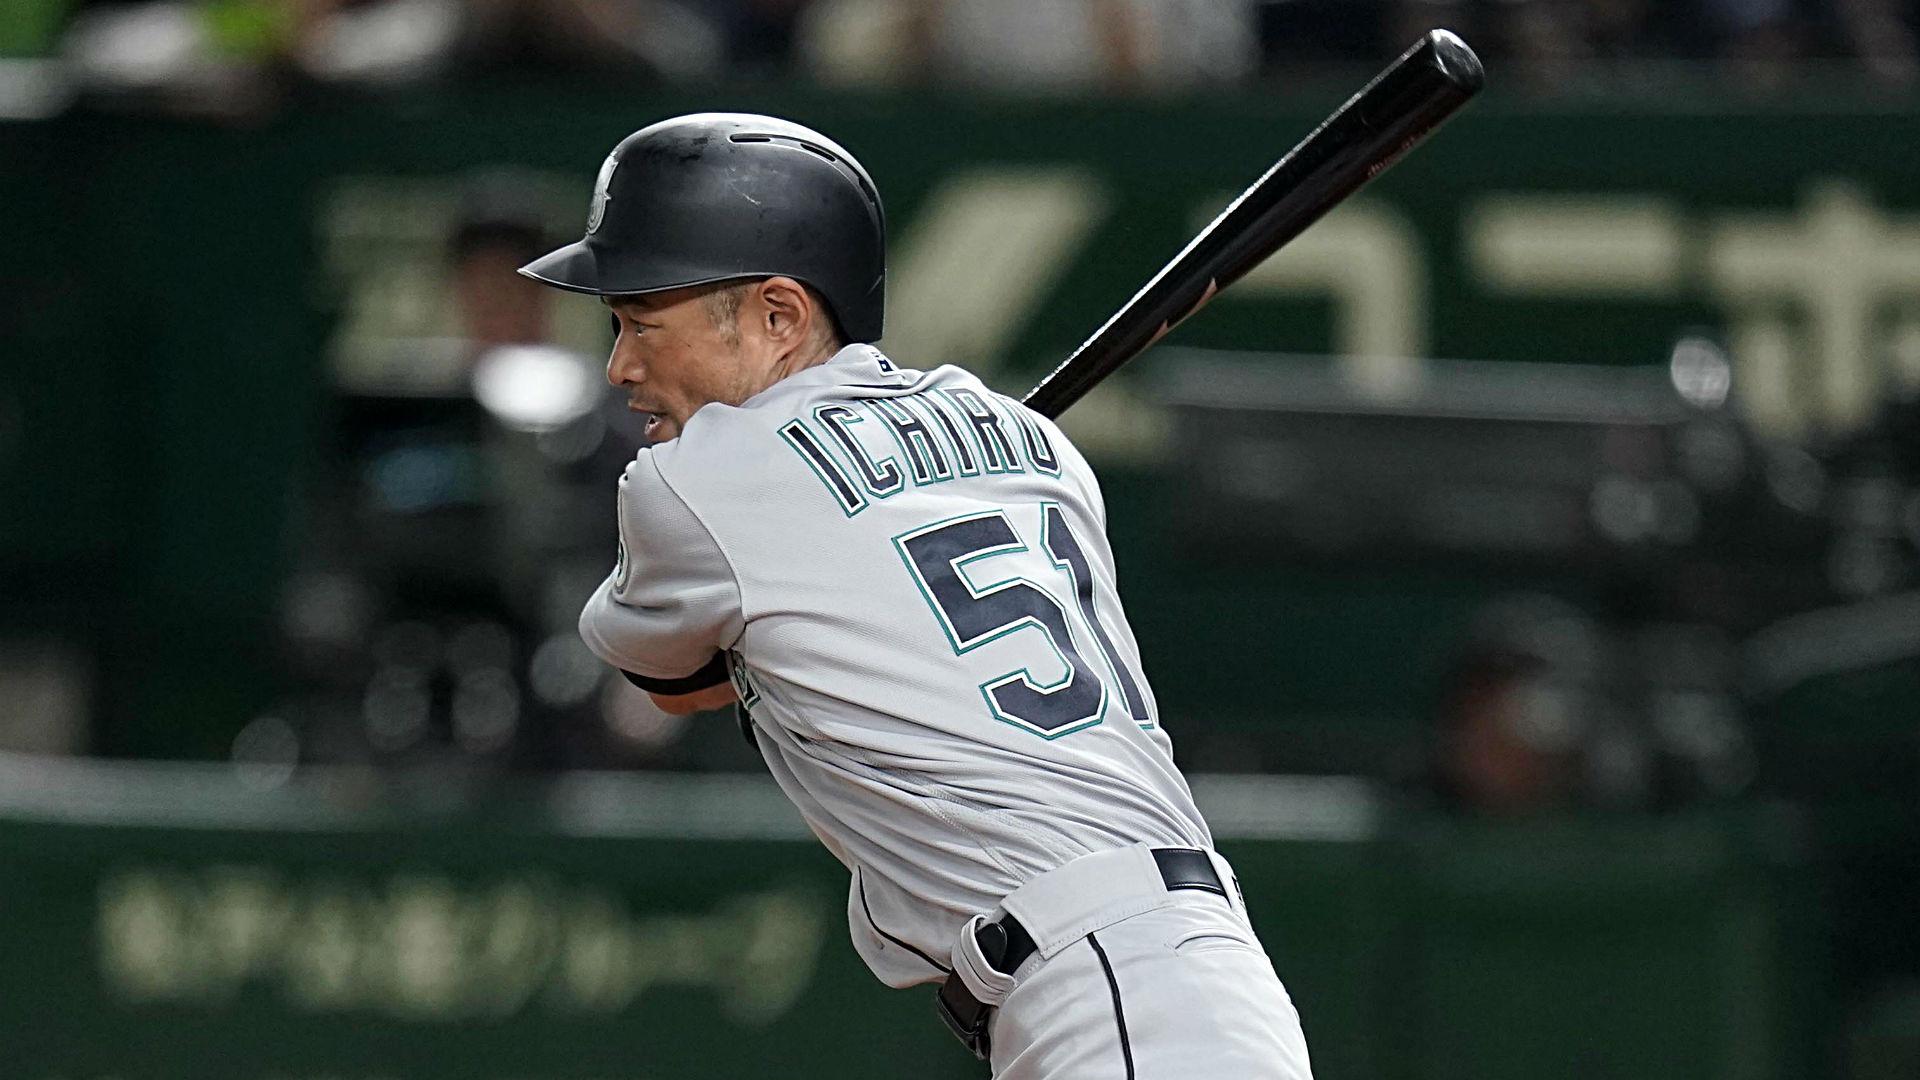 Ichiro Suzuki to retire from baseball after Mariners' game ...